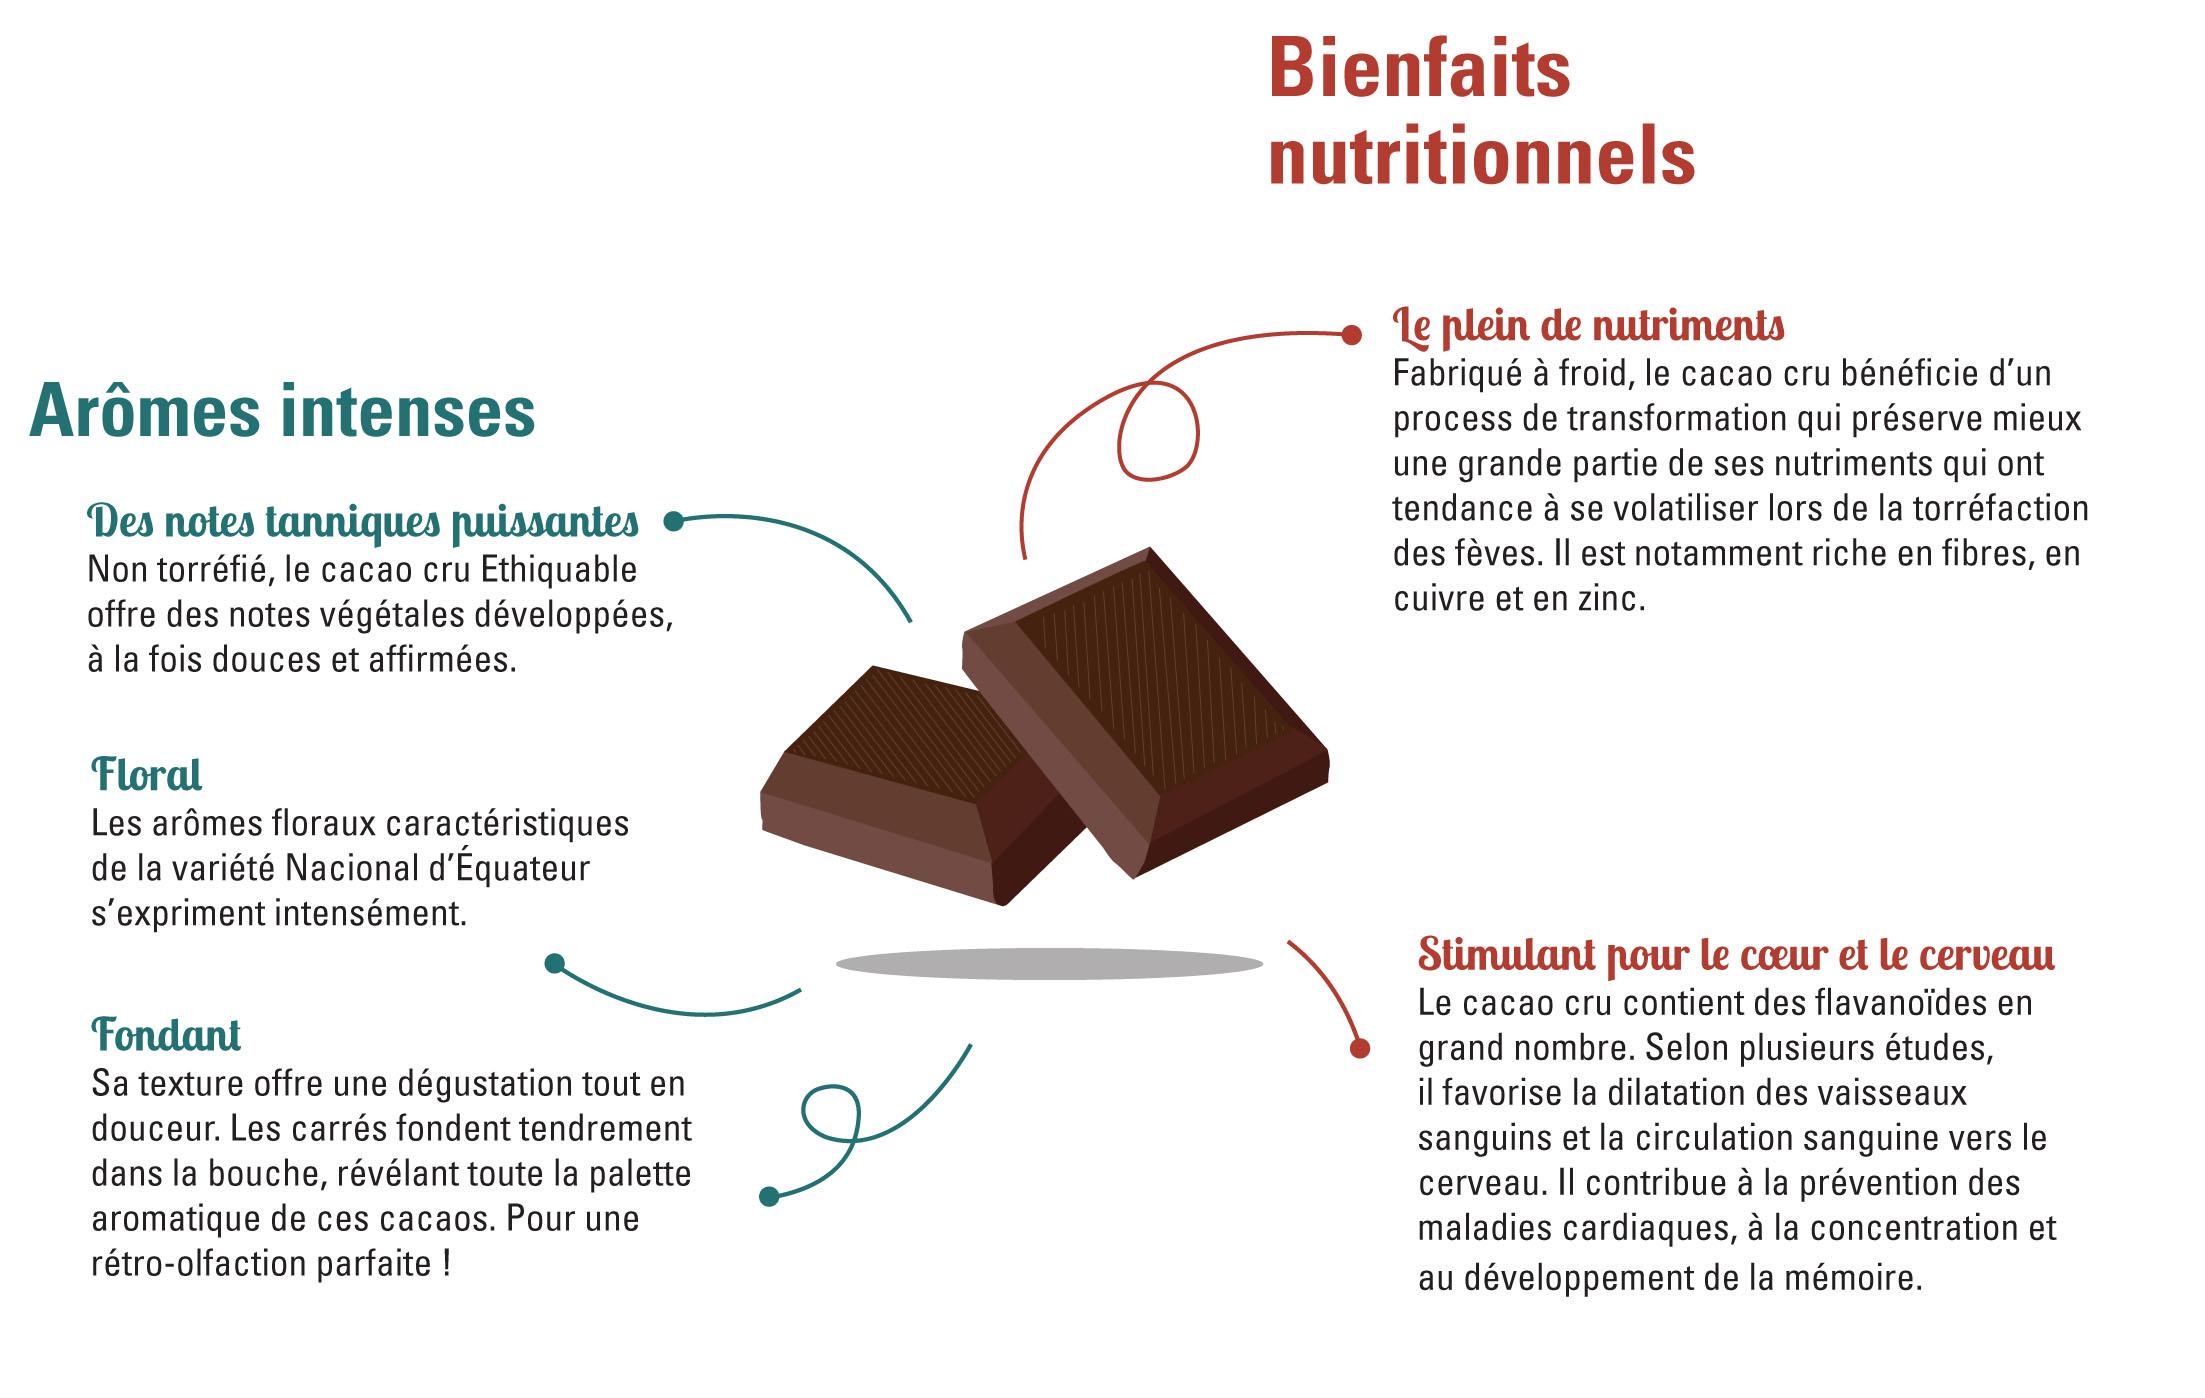 Les bienfaits du cacao cru